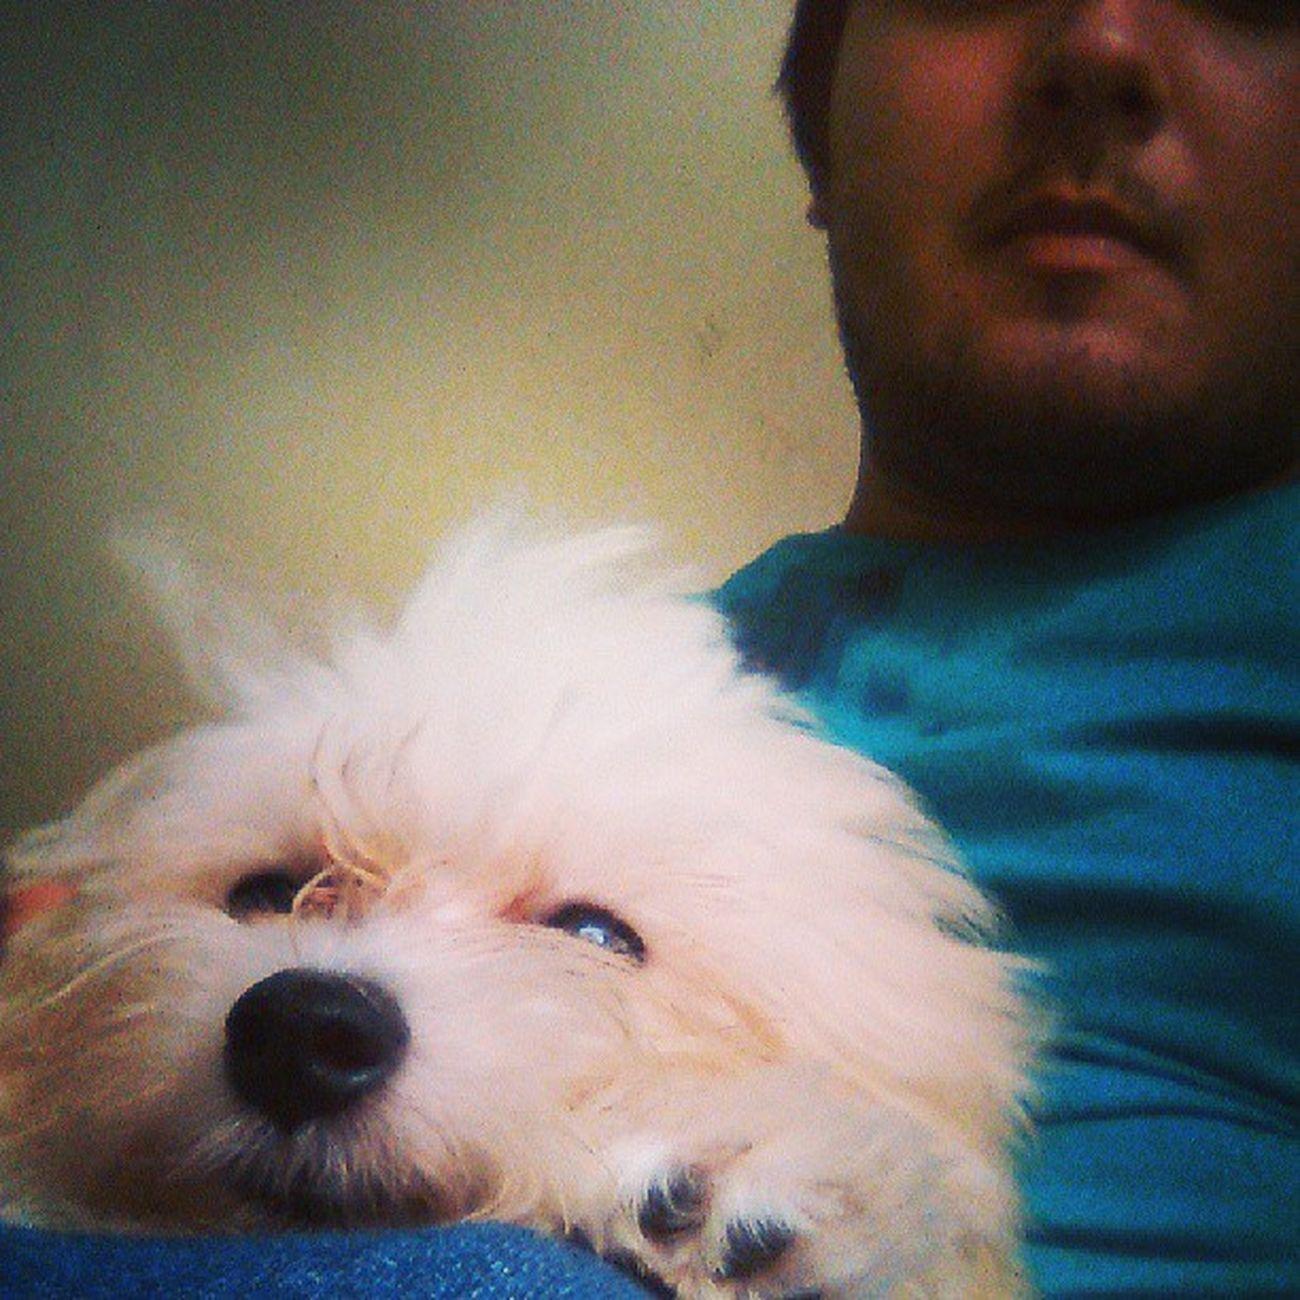 Toda vez que chego em casa sou recebido com muito amor e carinho. Instadodoria Dodoria Pet Pet Photography